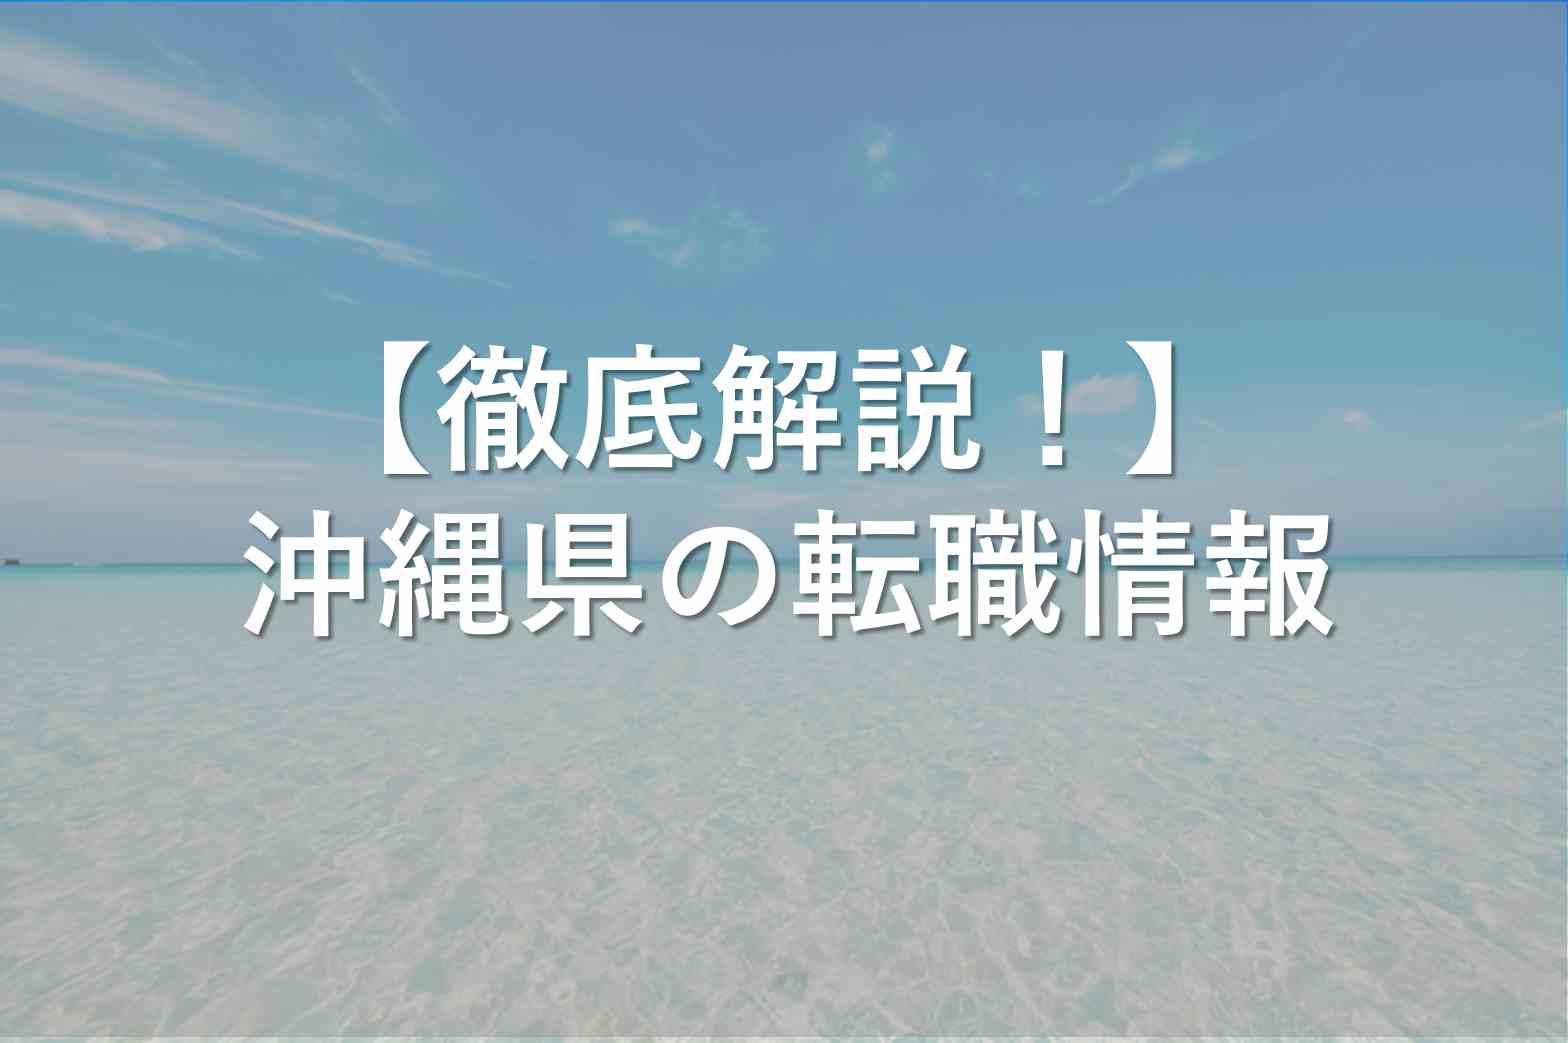 沖縄への転職や移住に役立つアドバイス